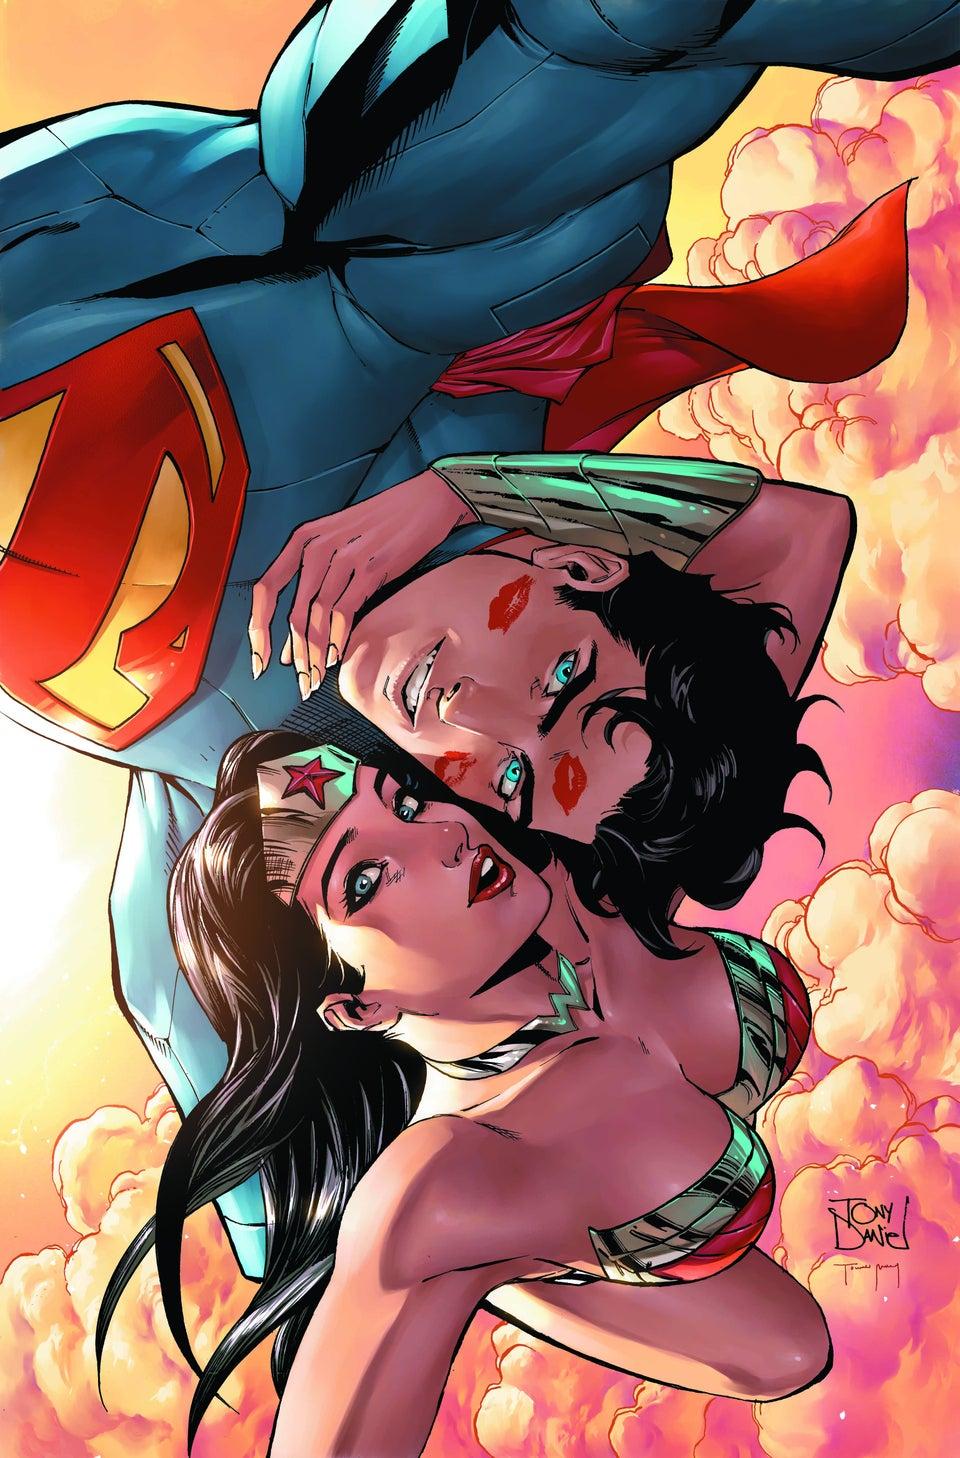 1-12 - [DC COMICS] Publicaciones Universo DC: Discusión General Smwwcv11selfievarjpg-8dd974_960w